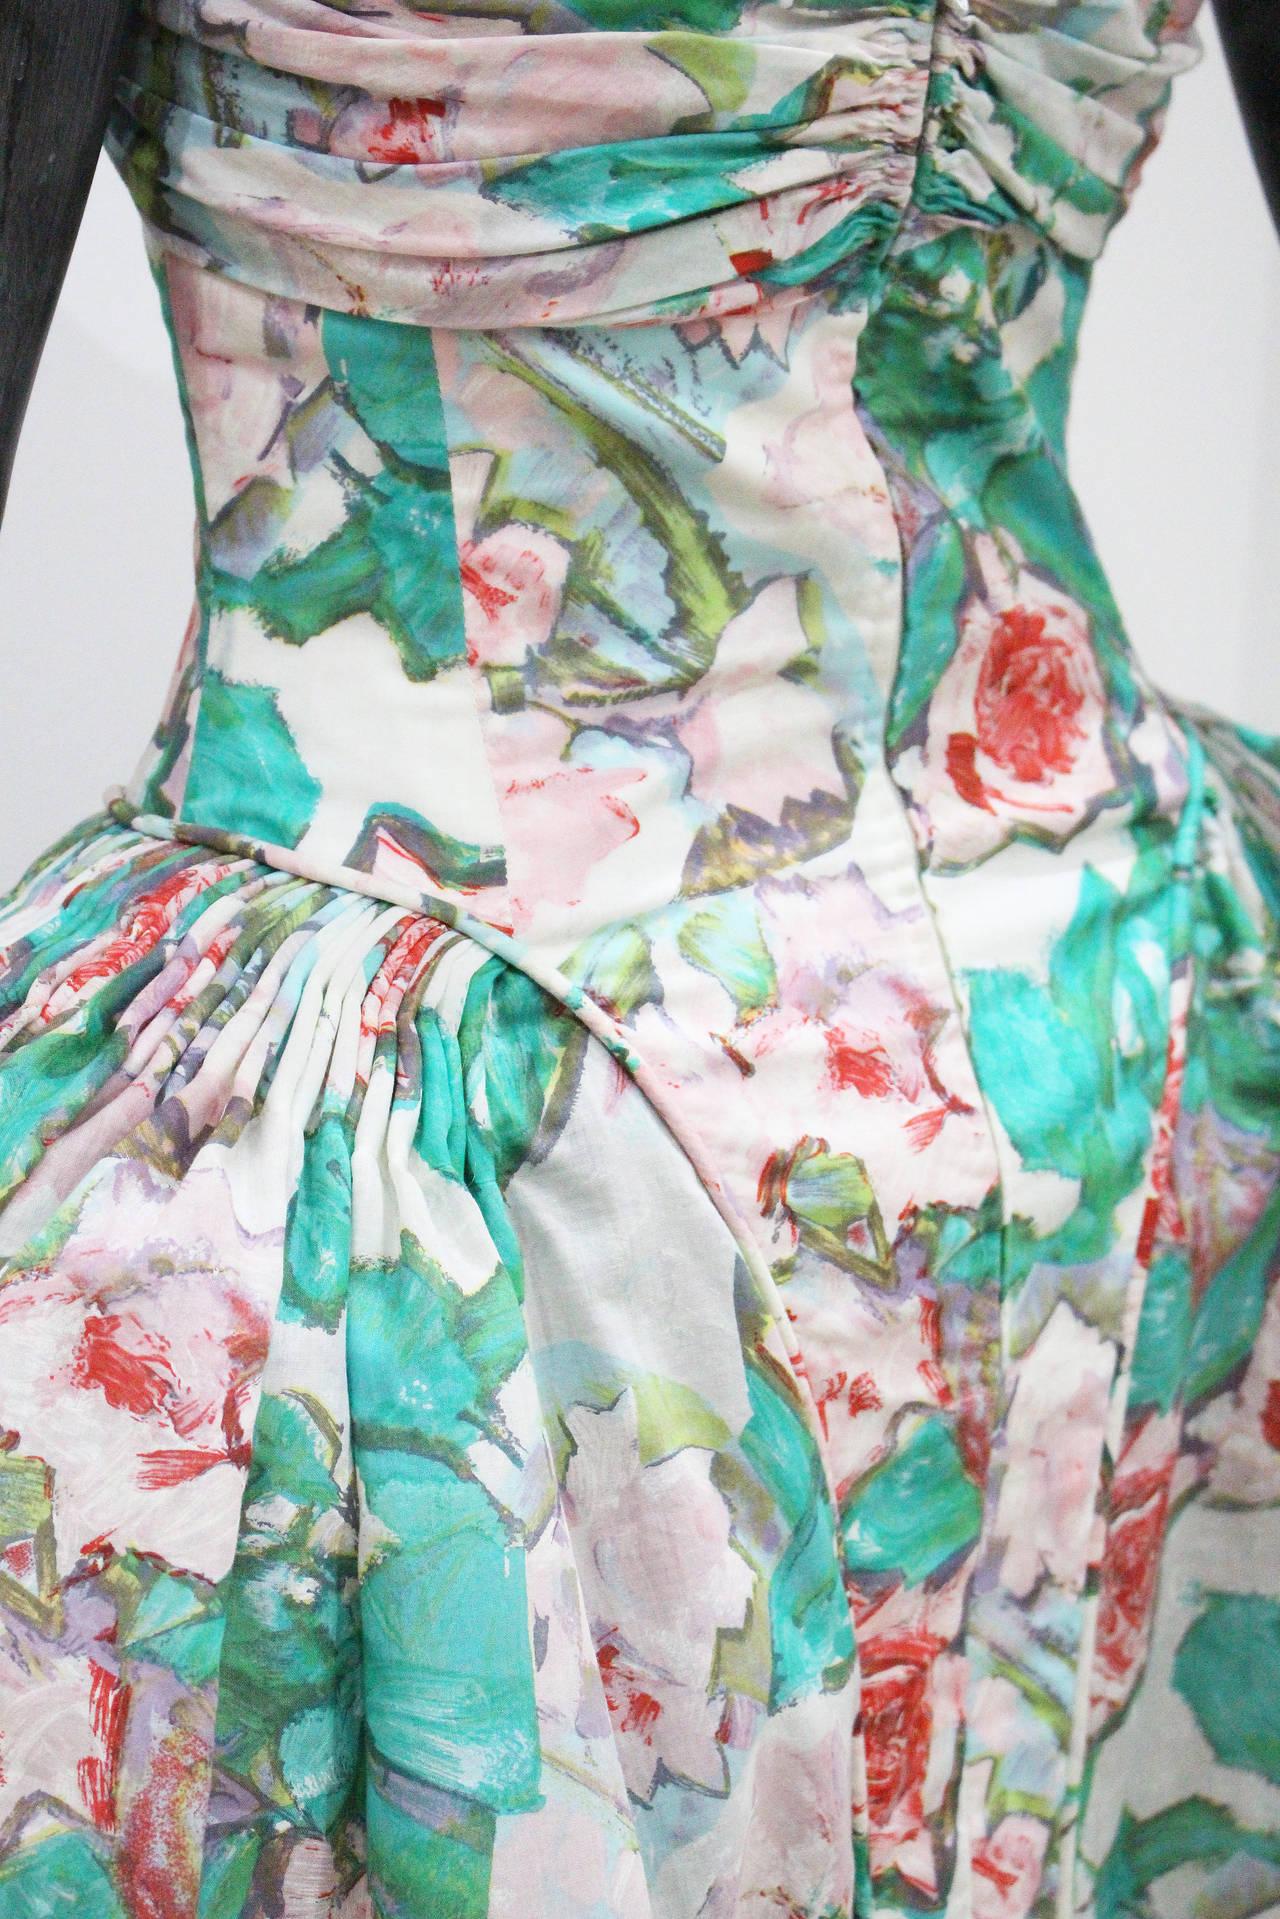 Iconic 1980s Karl Lagerfeld Marie Antoinette Dress S/S 1988 4